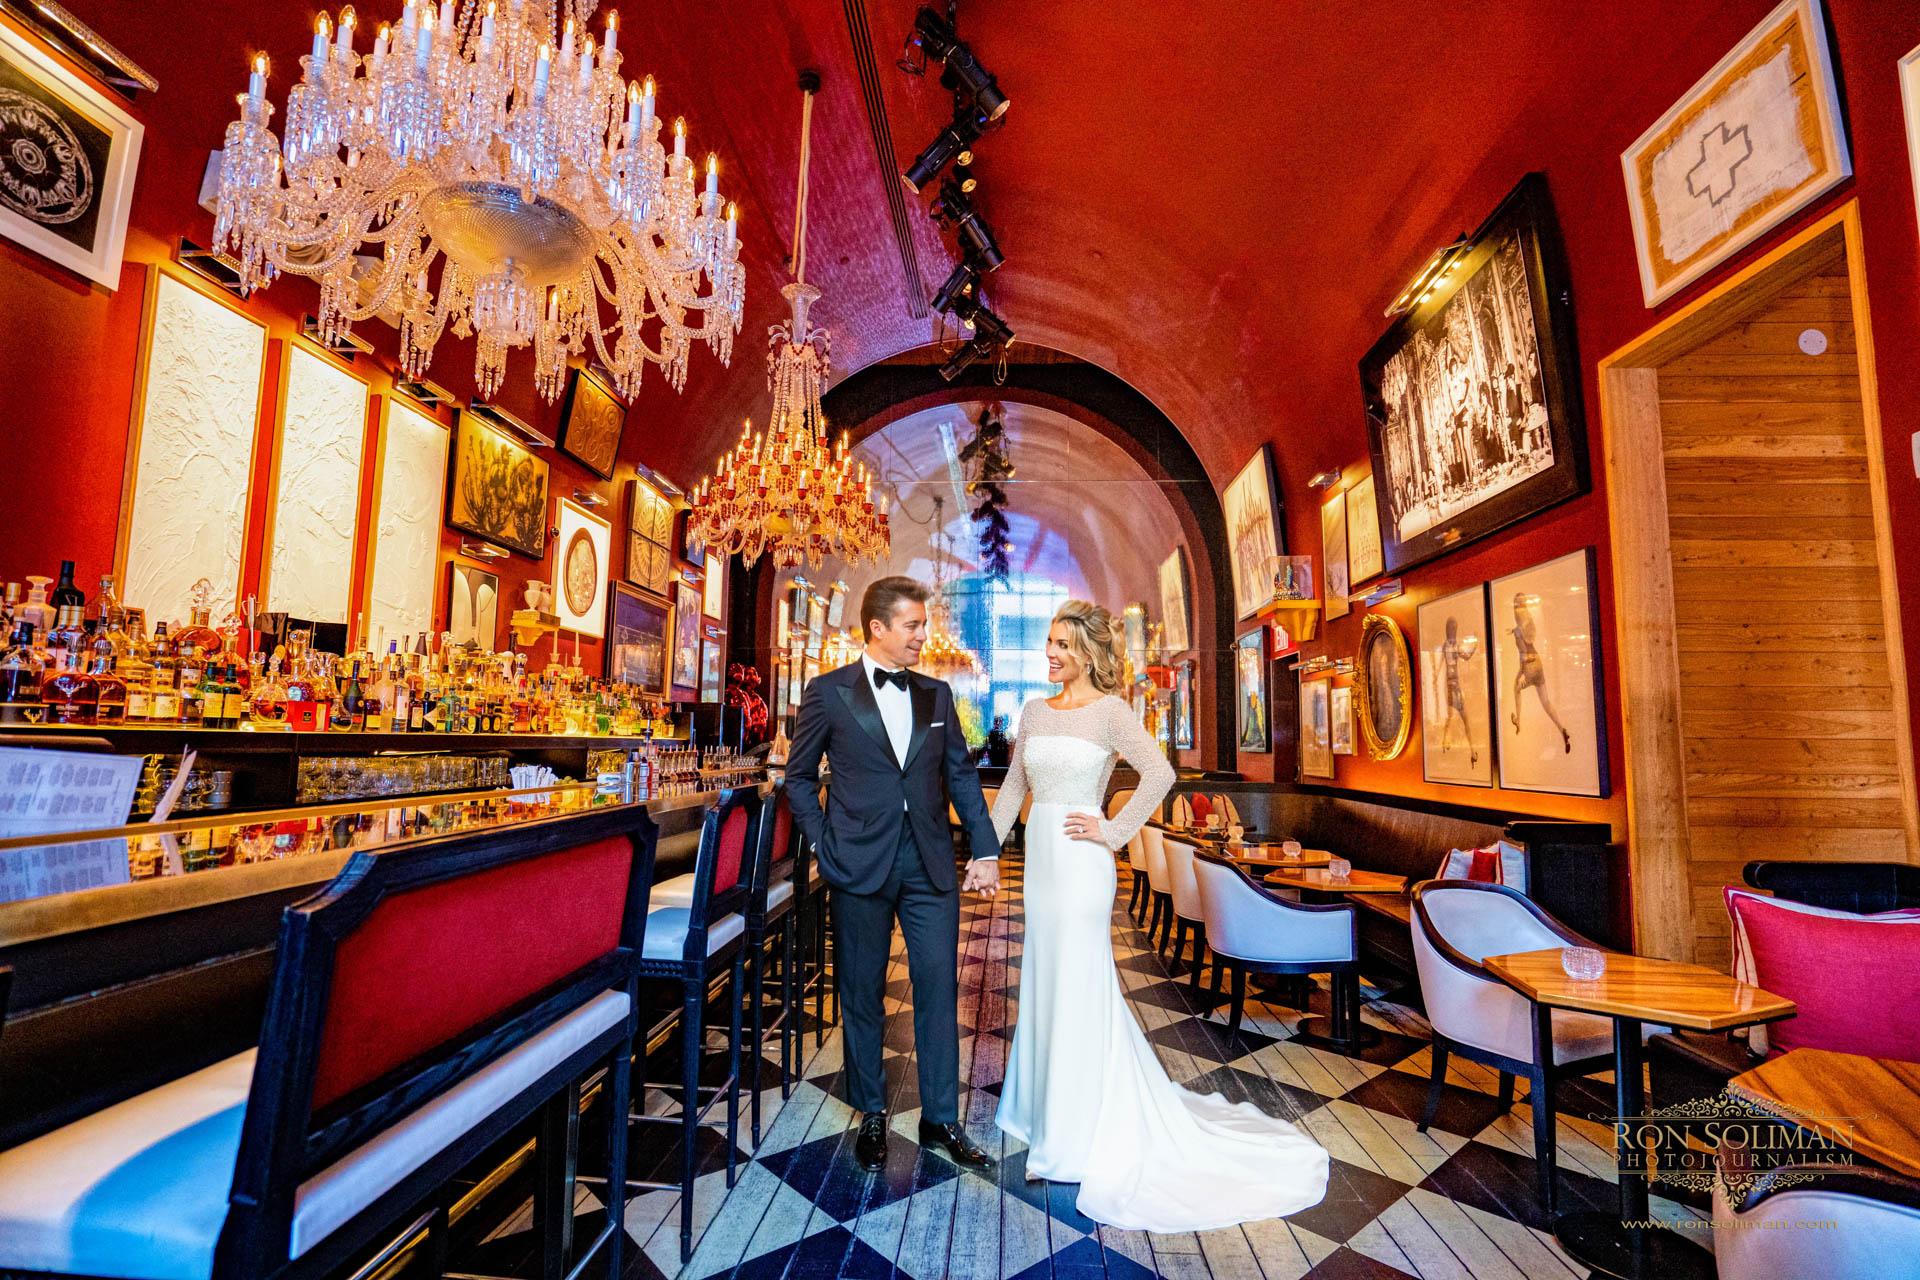 RAINBOW ROOM WEDDING BD 18